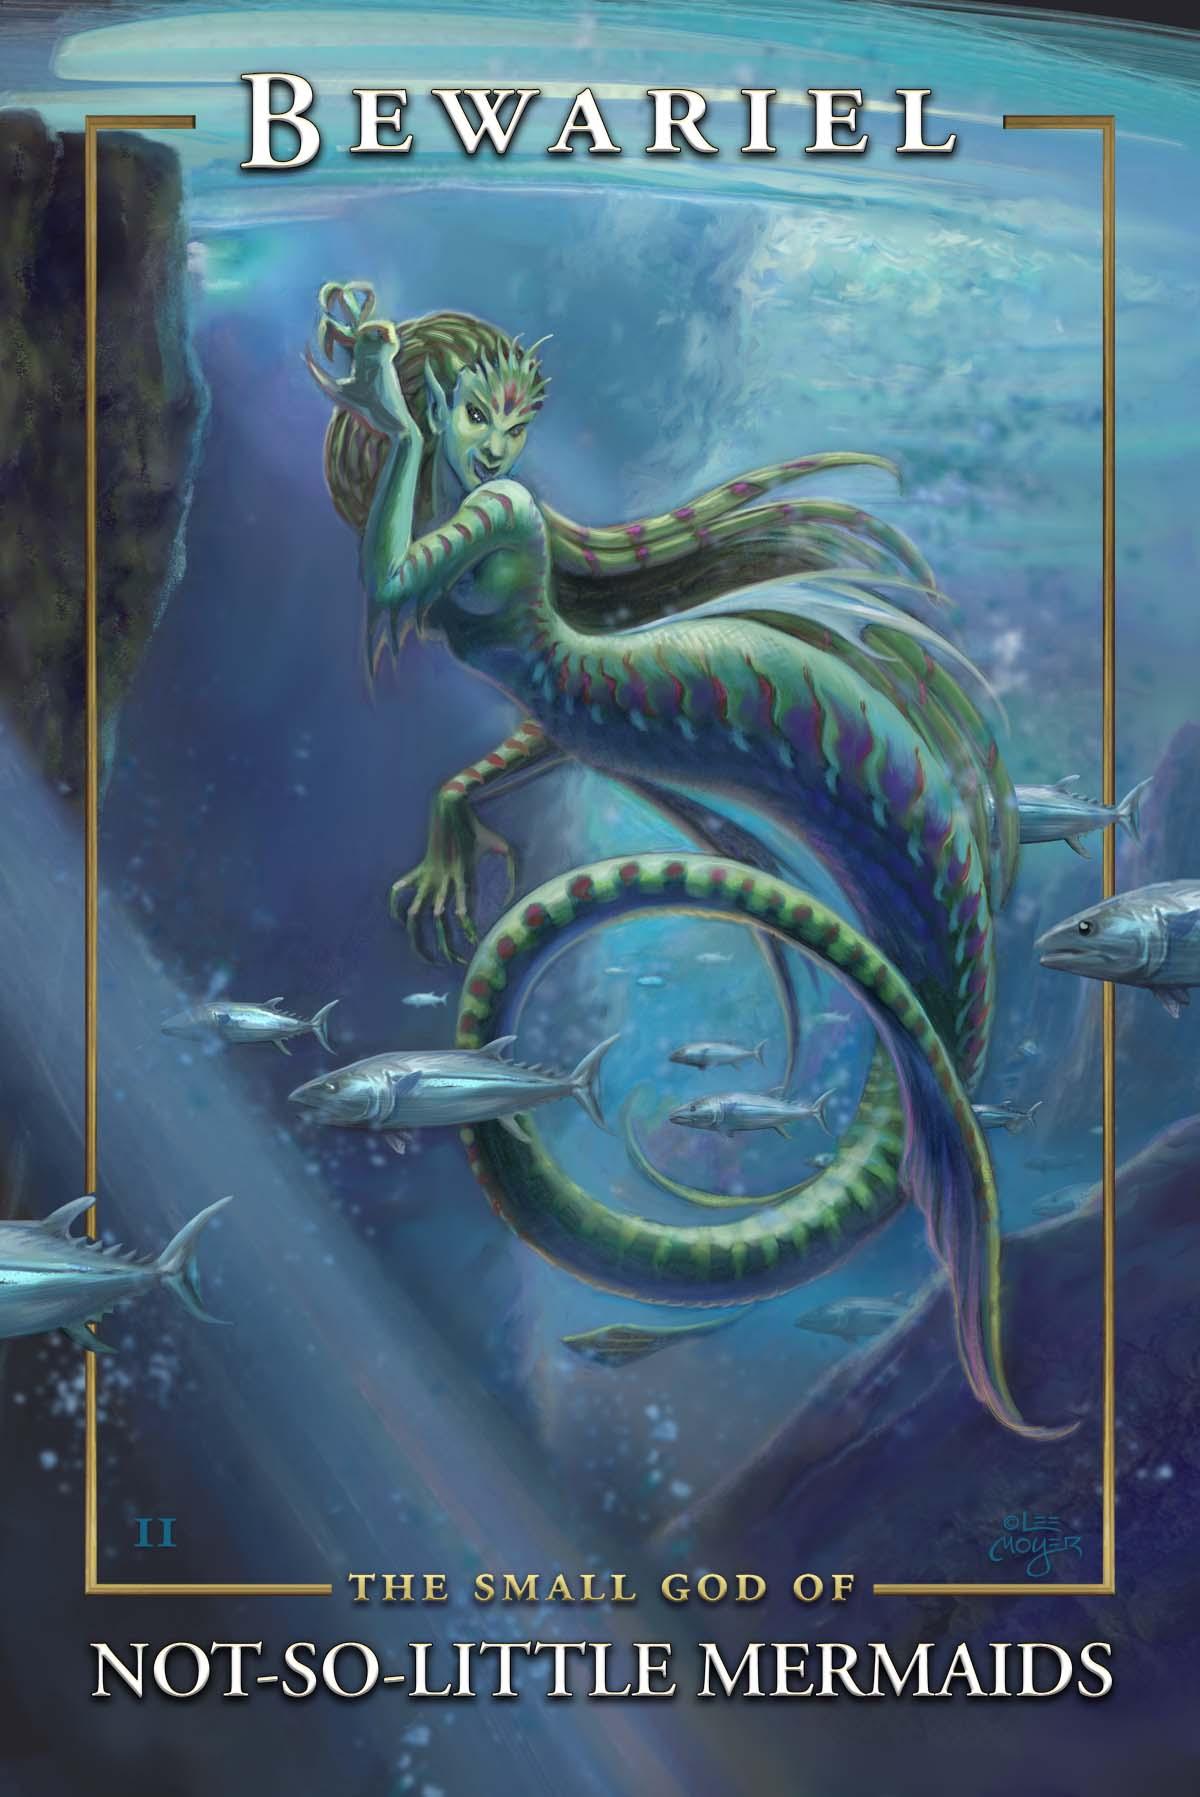 SG11 mermaids